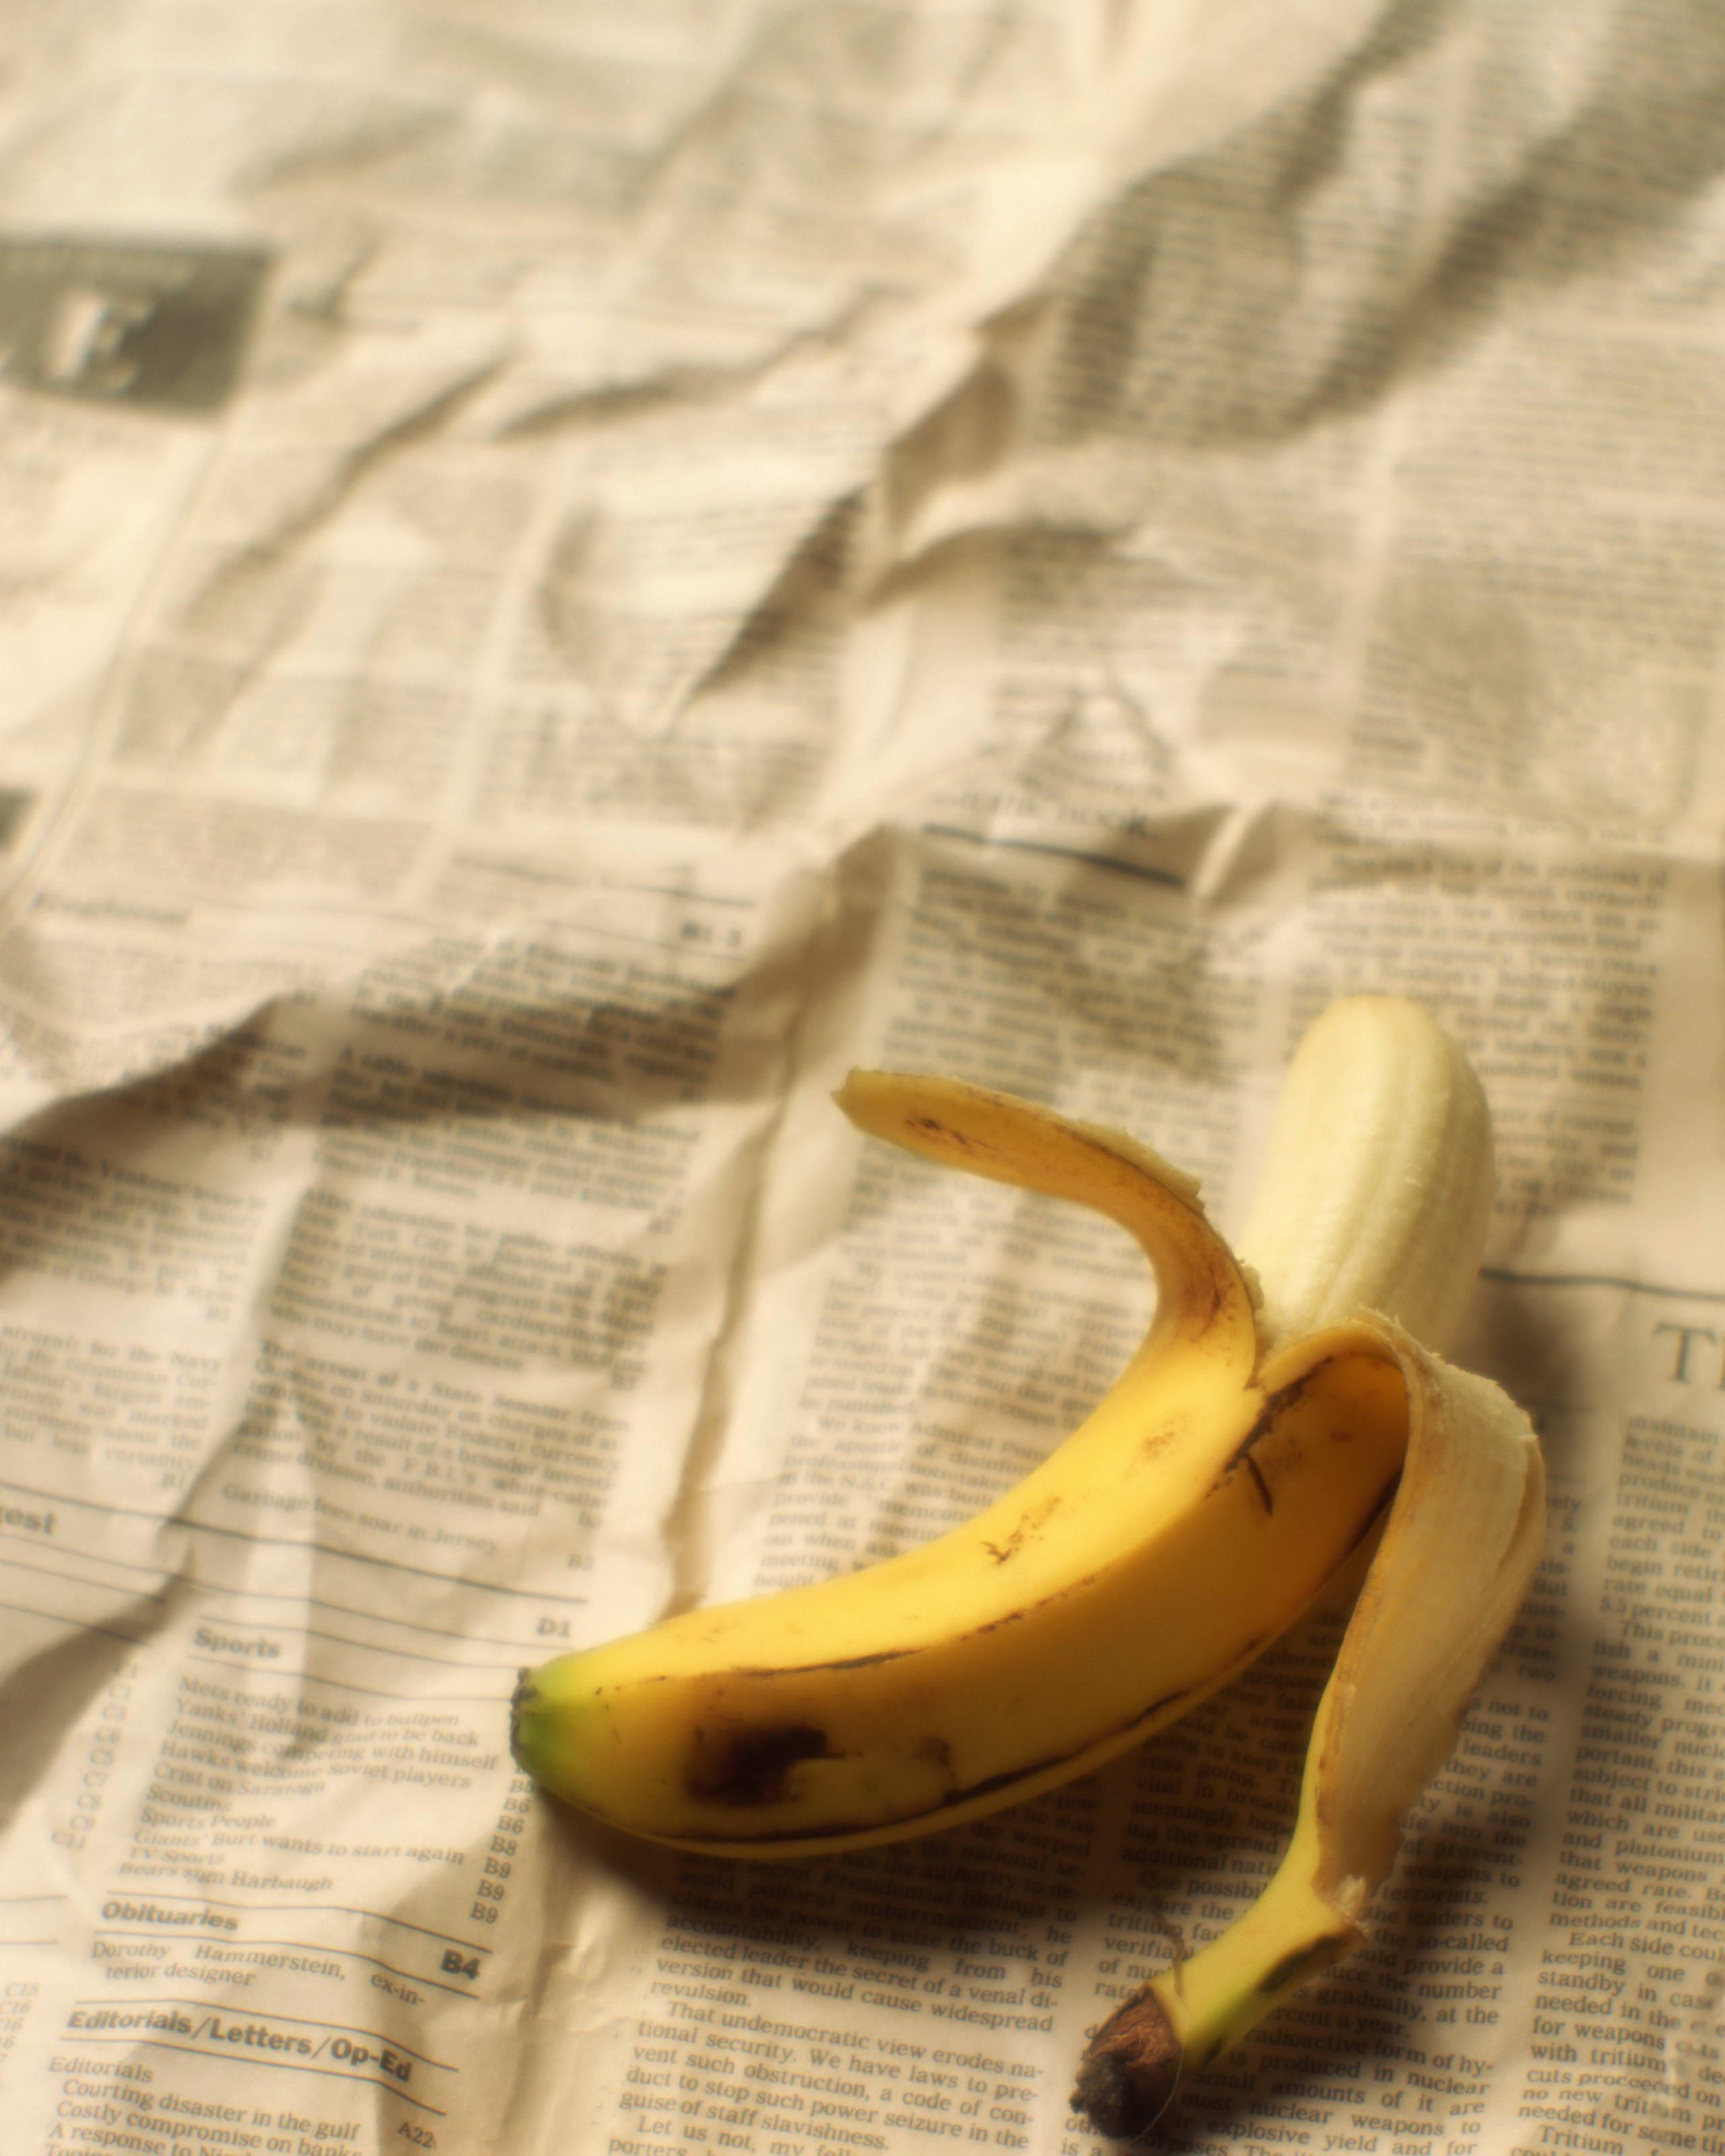 очищенный банан лежит на газете, скачать фото, обои для рабочего стола